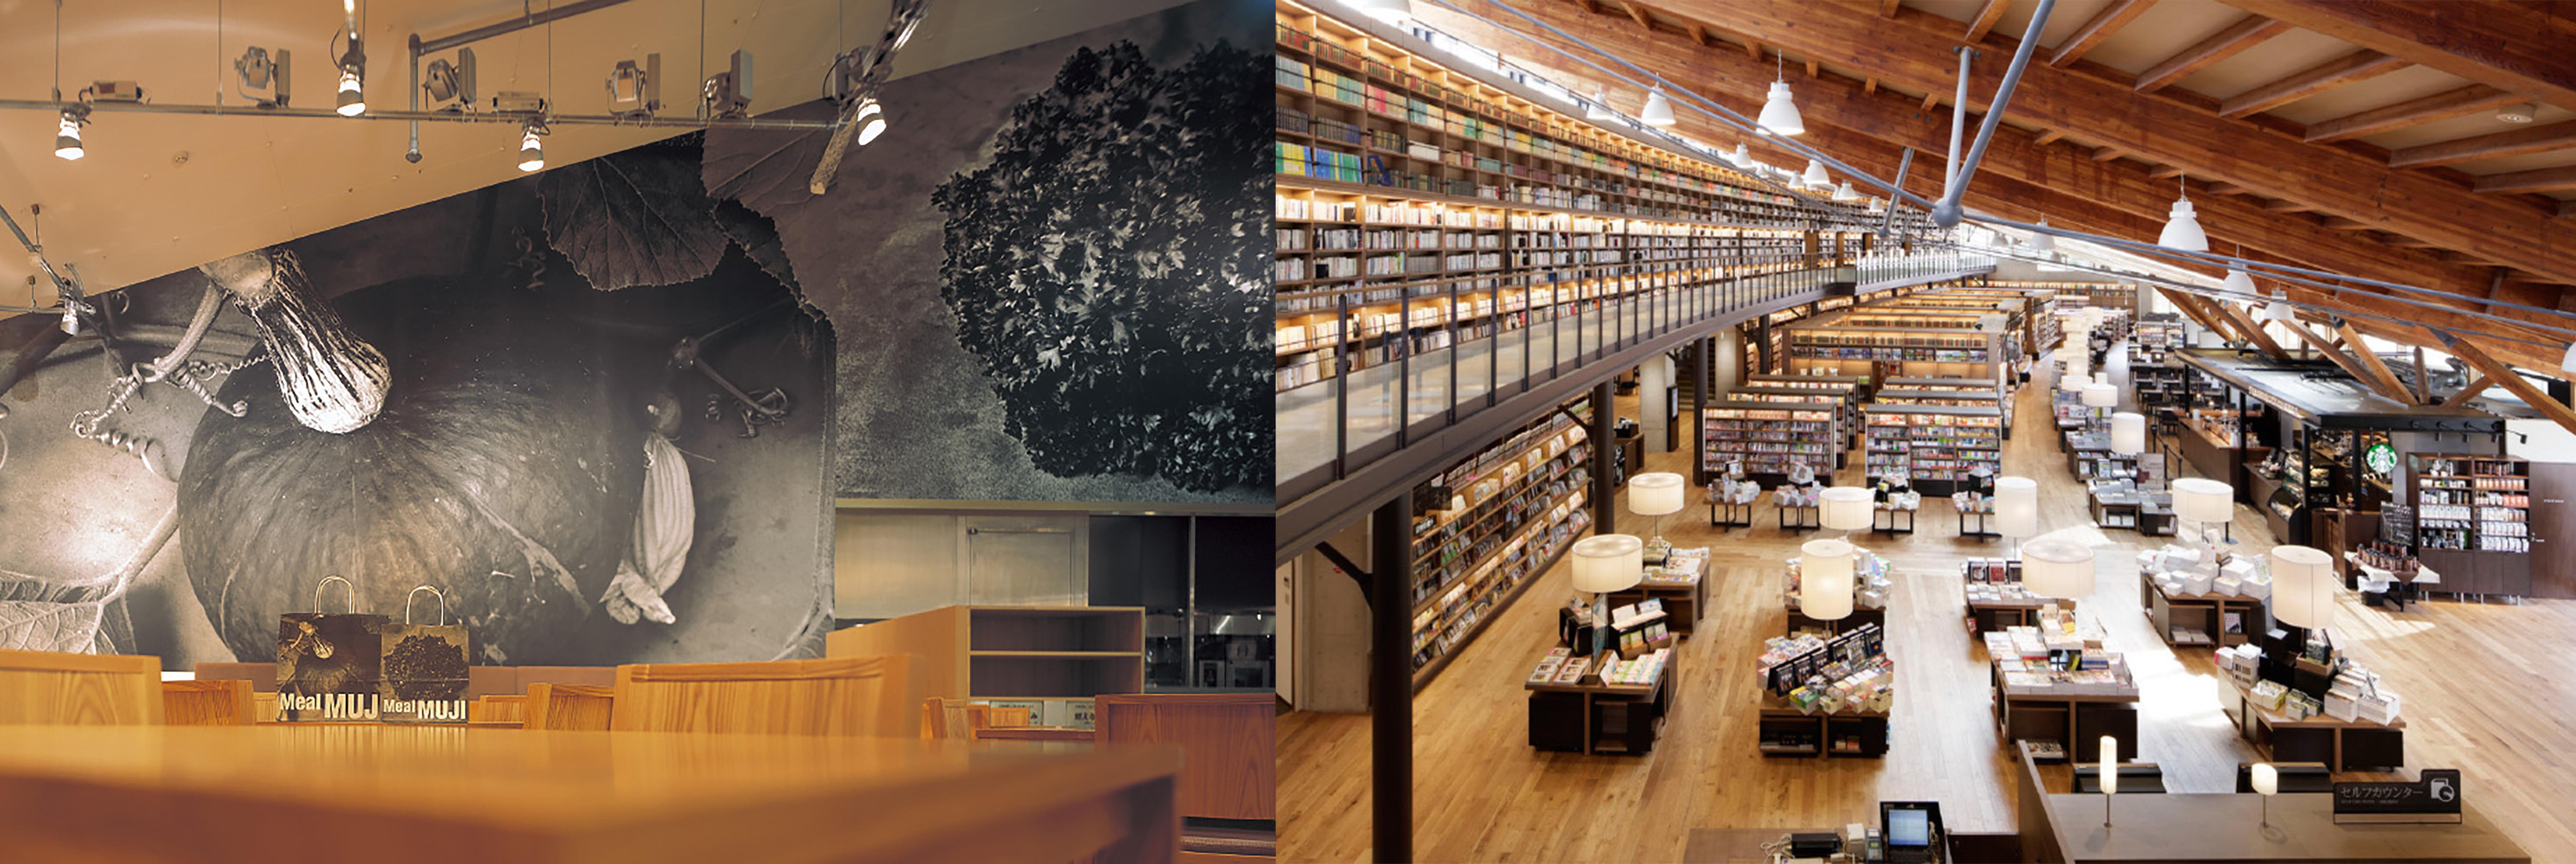 Meal MUJI及蔦屋書店室內設計(Hara Design Institute)